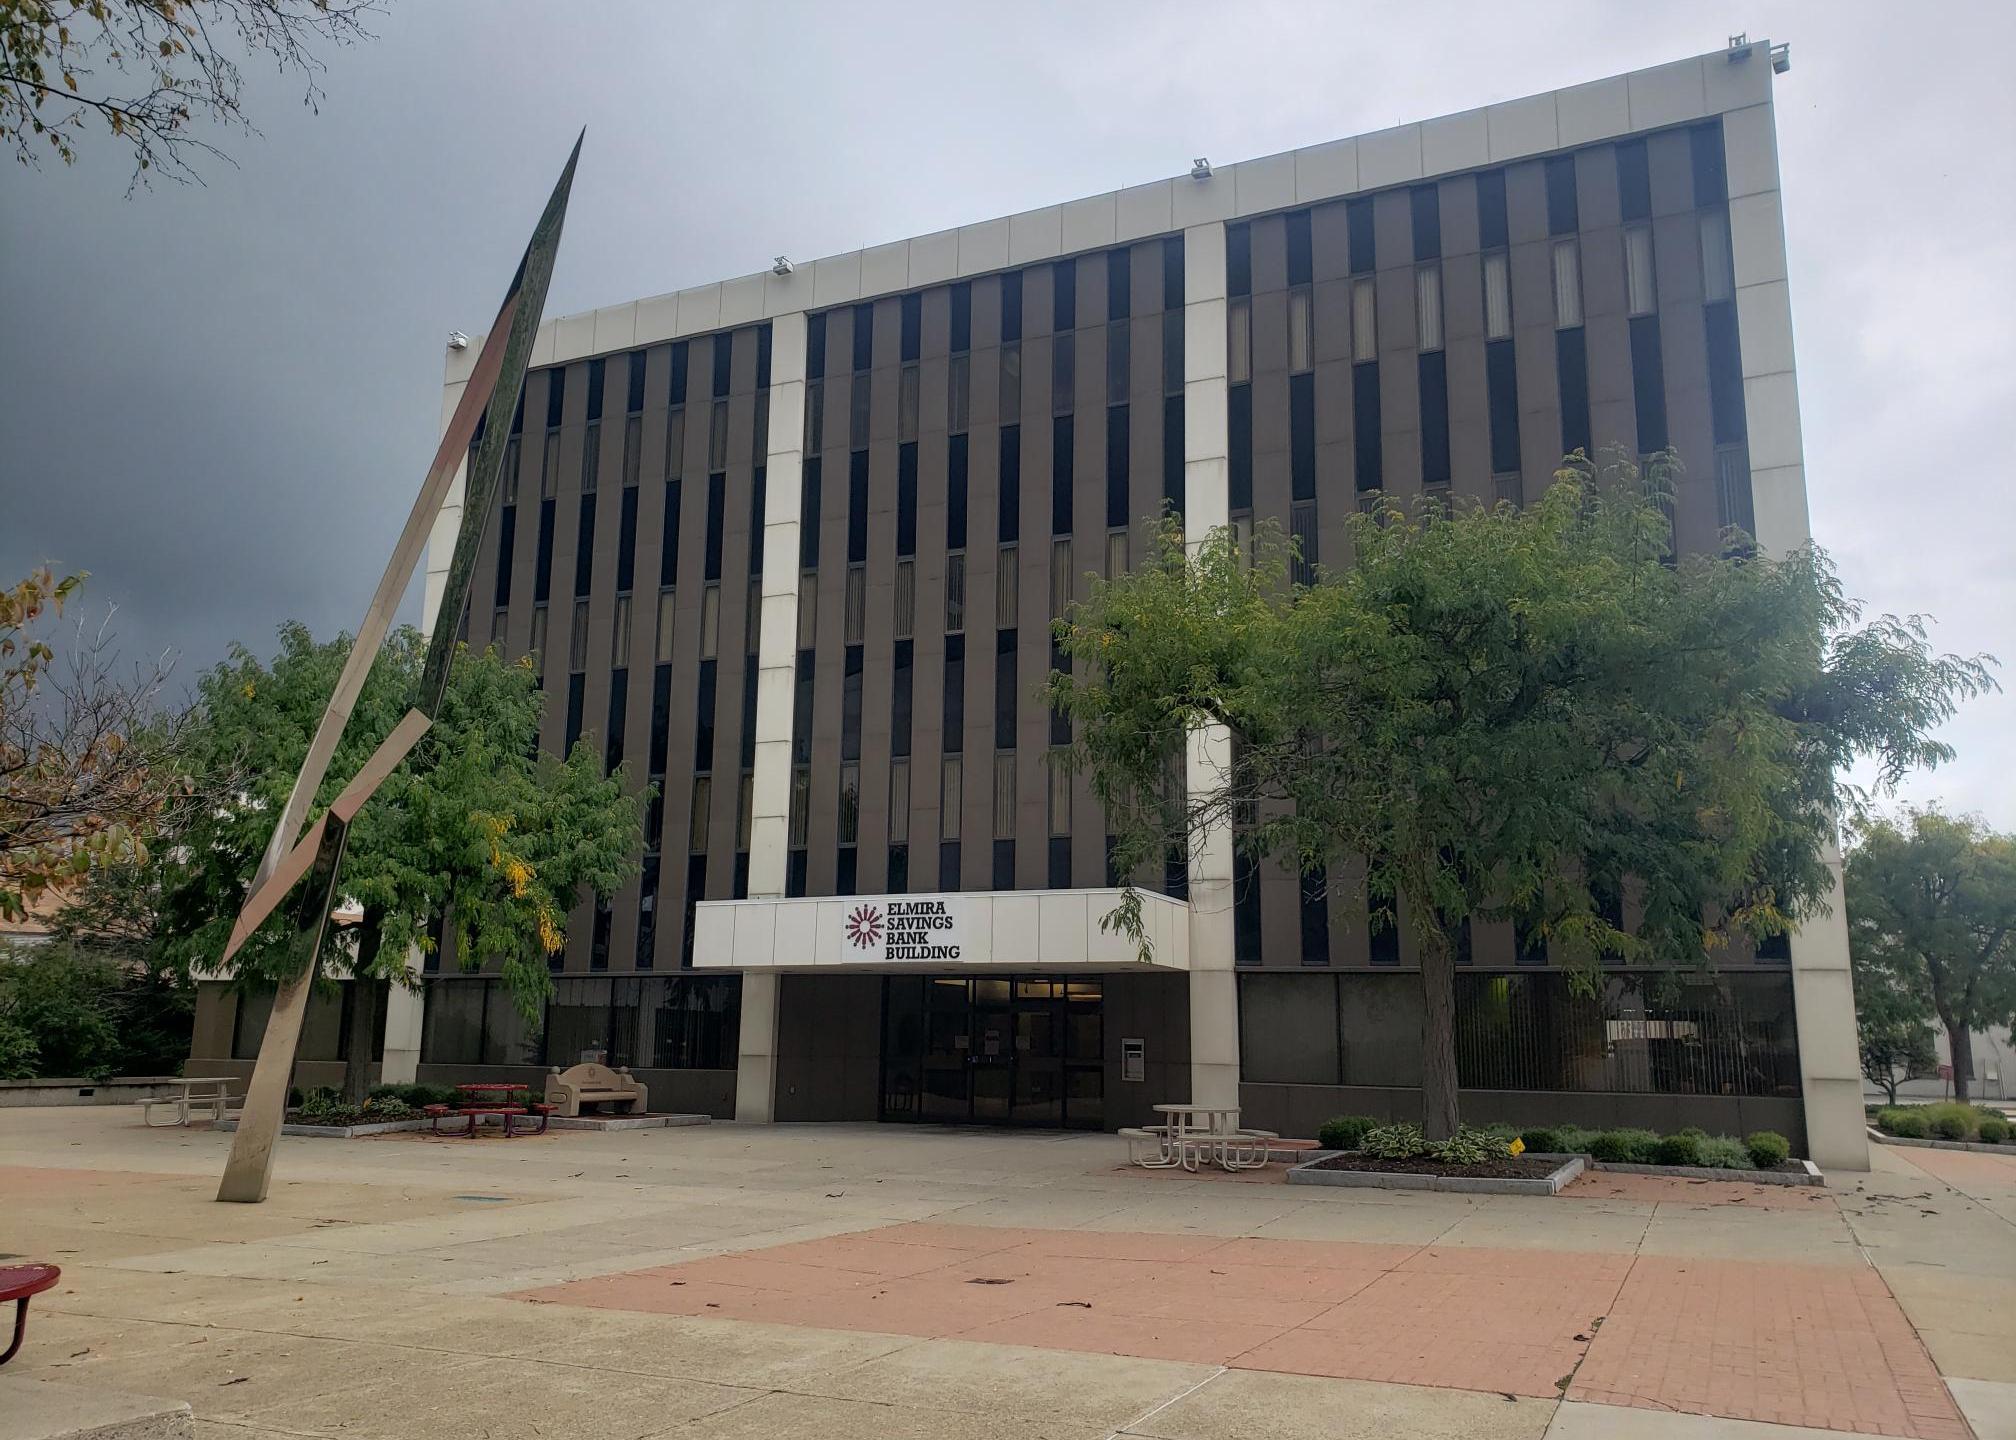 Elmira Savings Bank